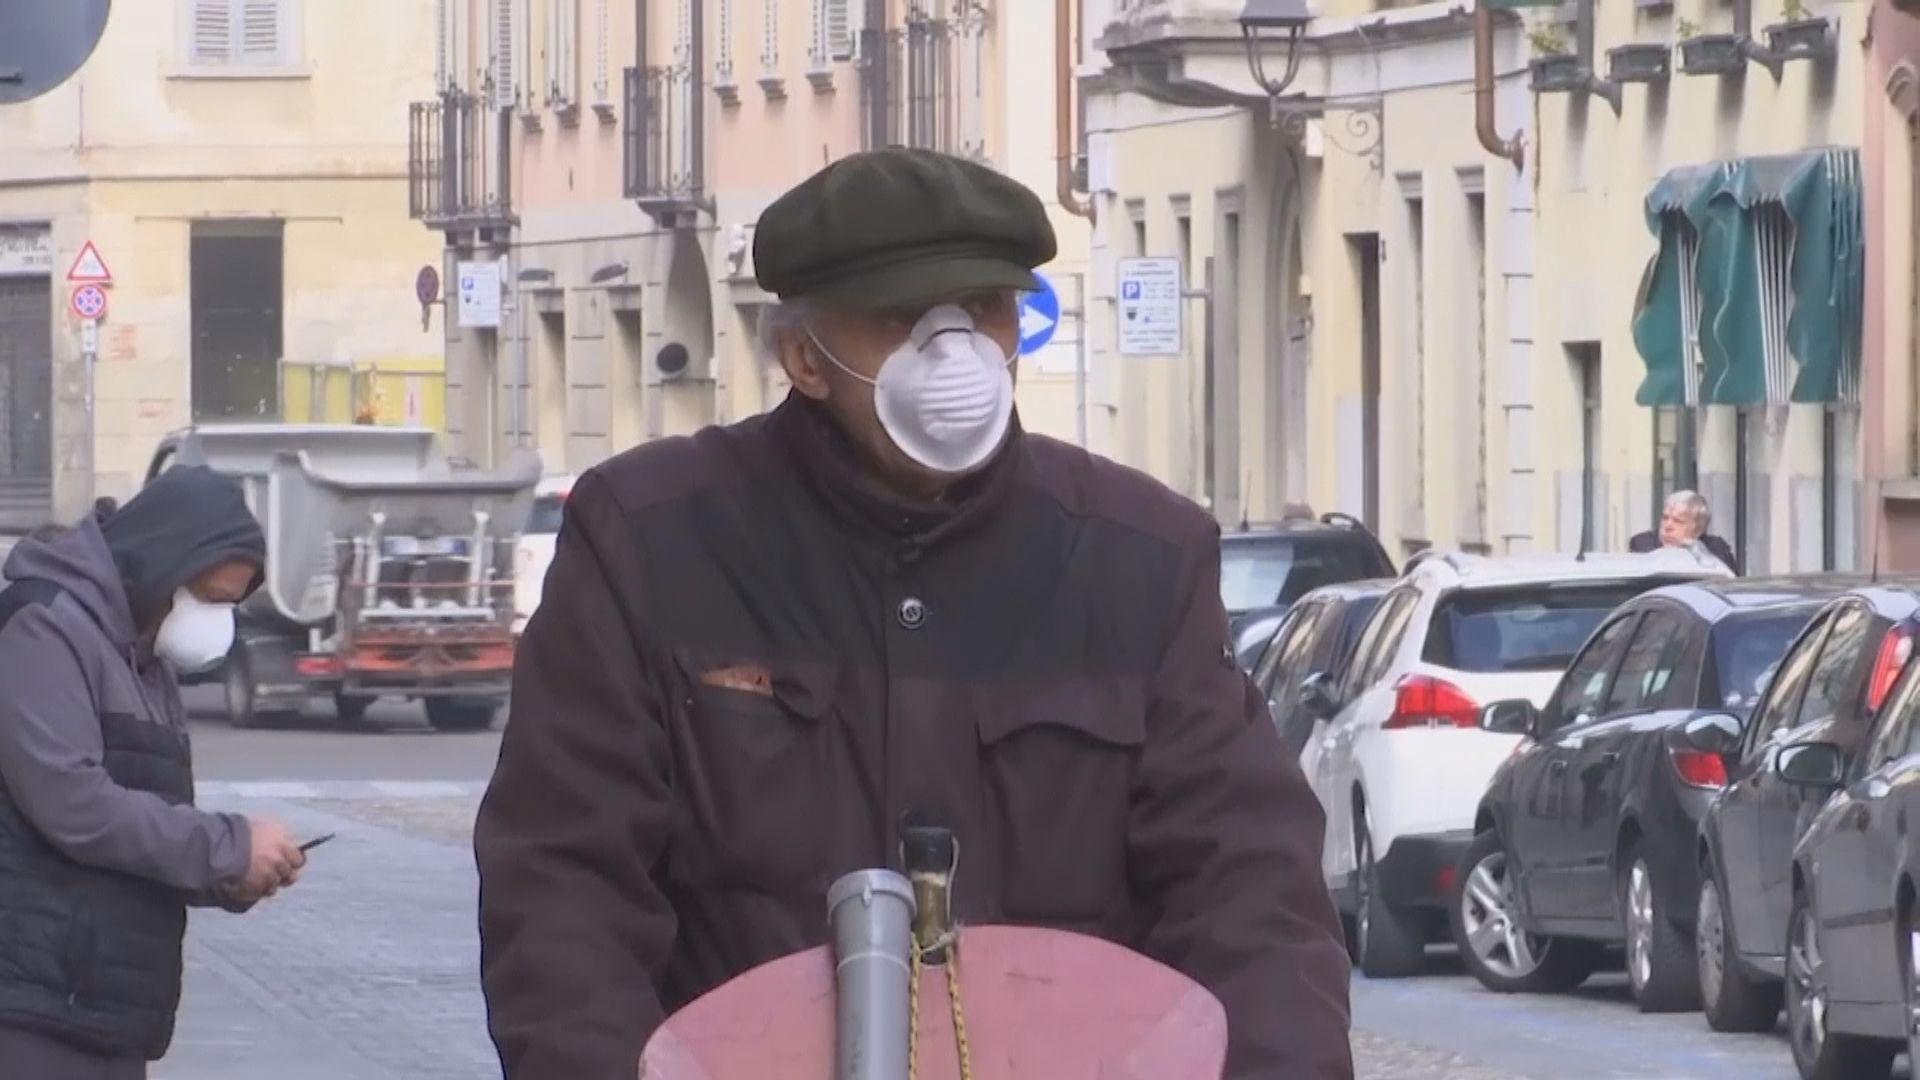 【歐洲疫情】意大利一日増250死 西班牙全國進入緊急狀態